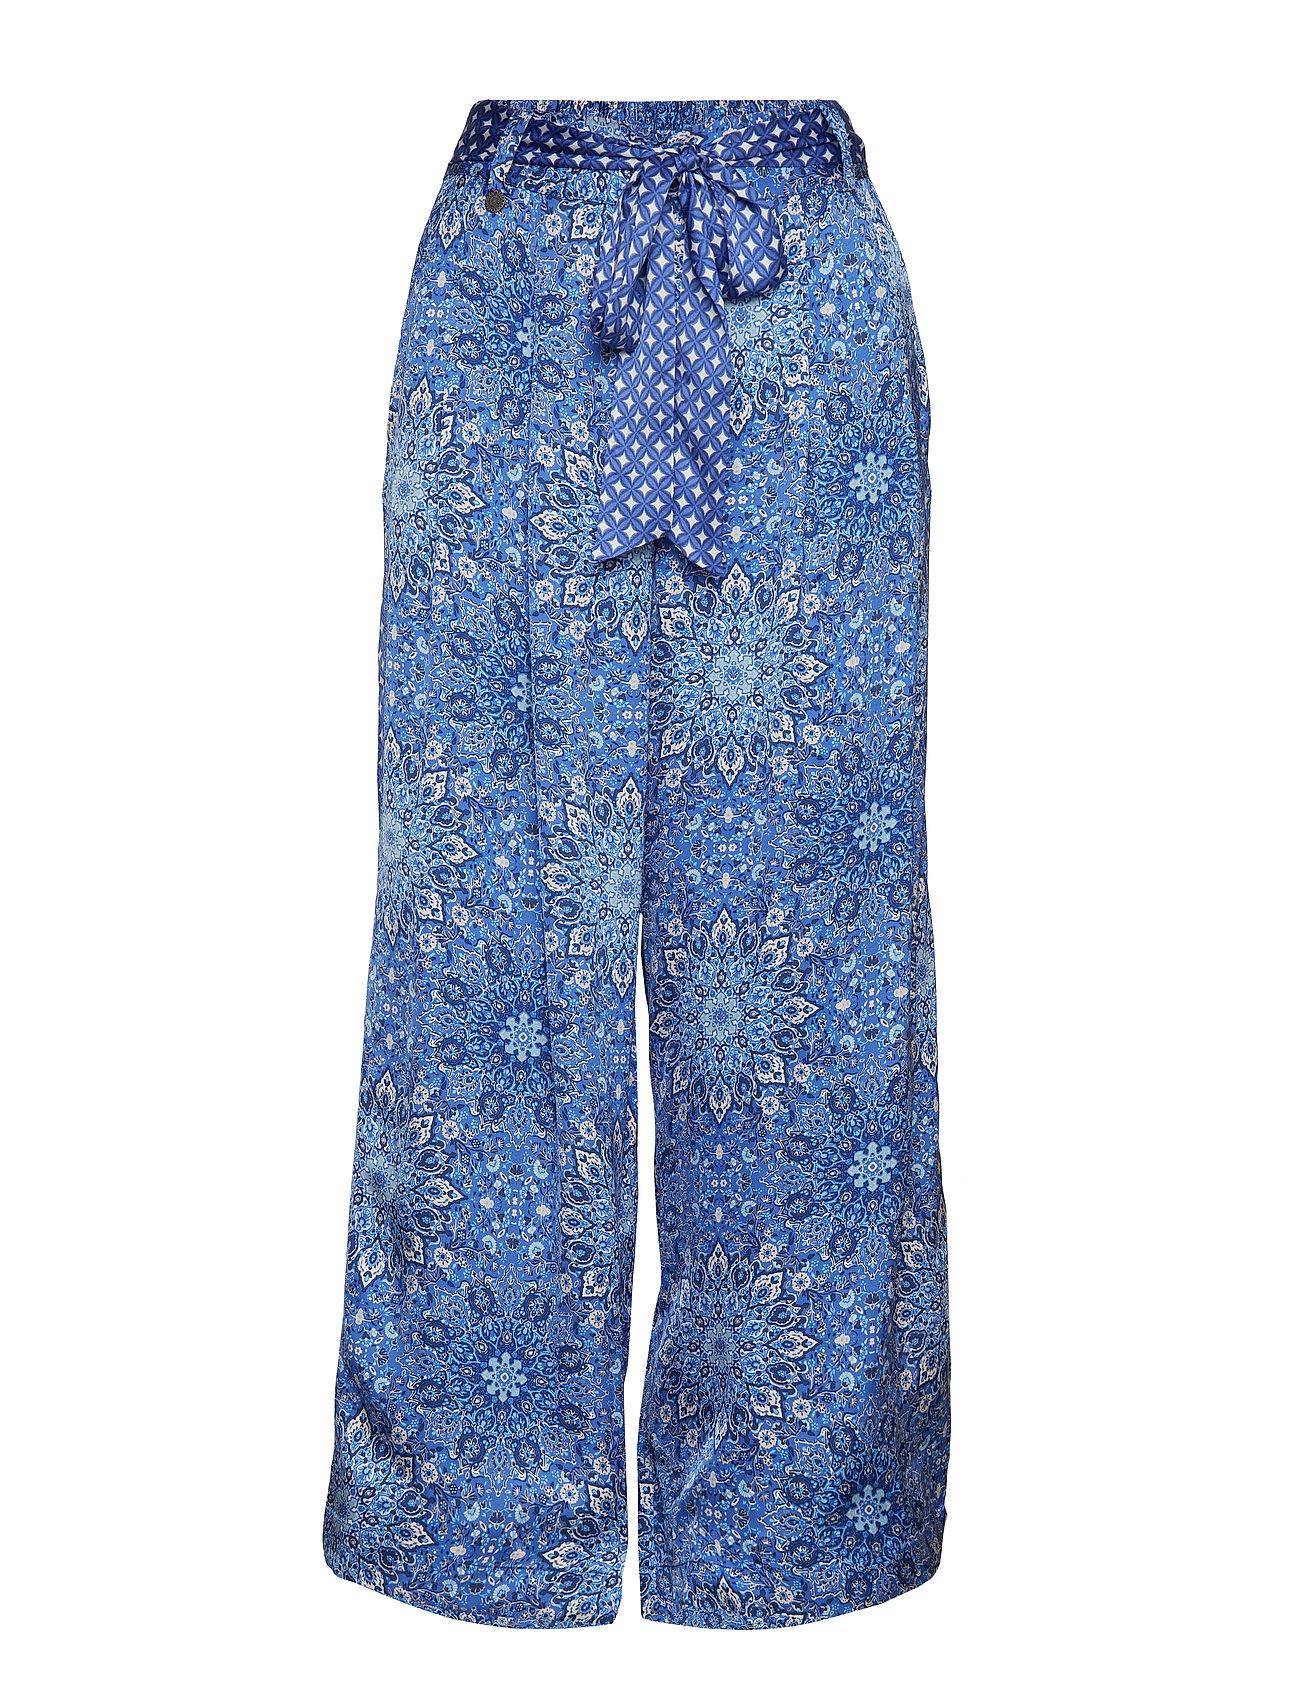 ODD MOLLY empowher pants - SEA BLUE